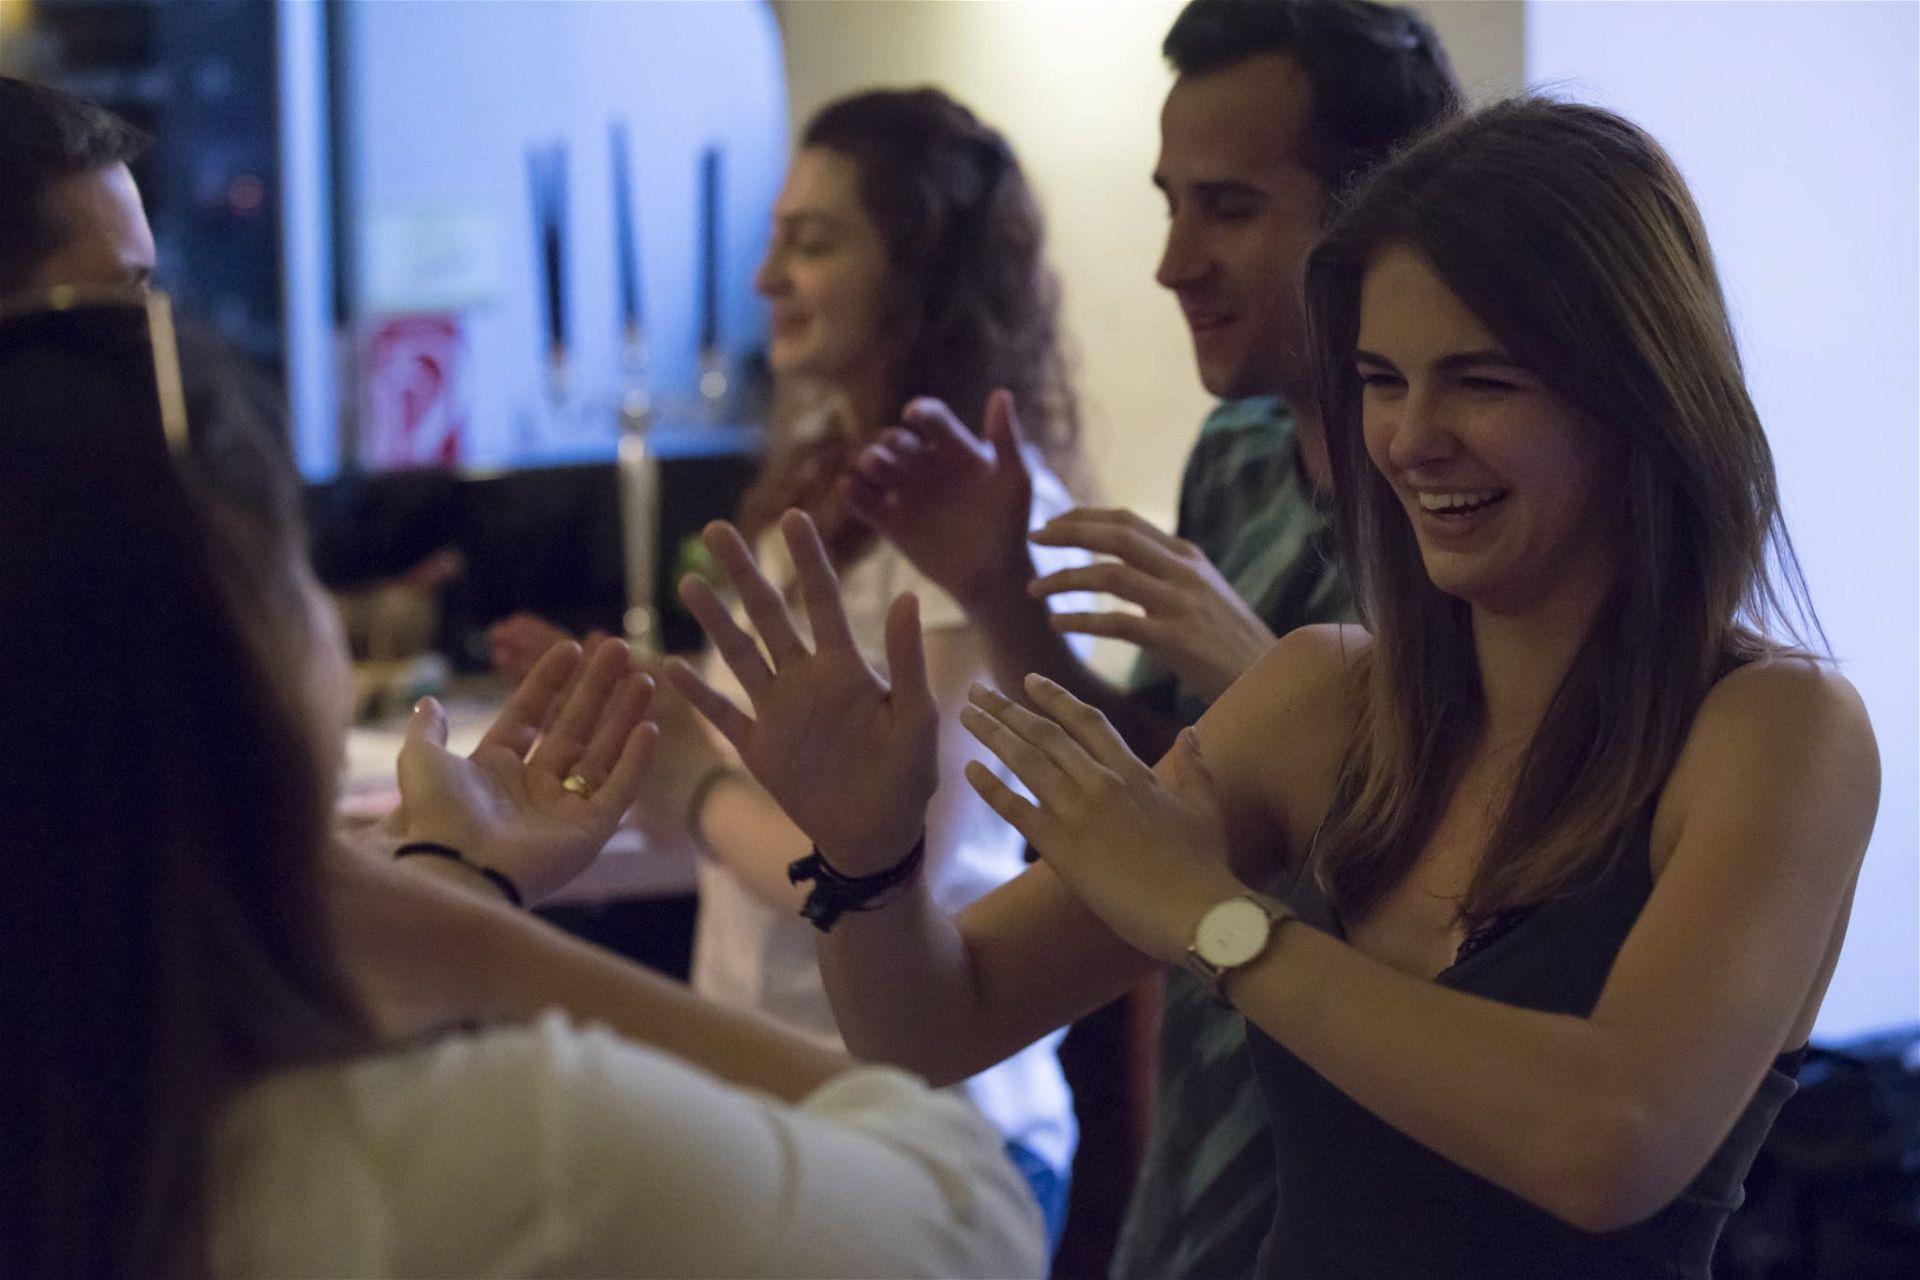 Die Bewegungen einer anderen Person zu spiegeln, war eines der Spiele beim Silent-Dating. - (c) Slow Dating Events